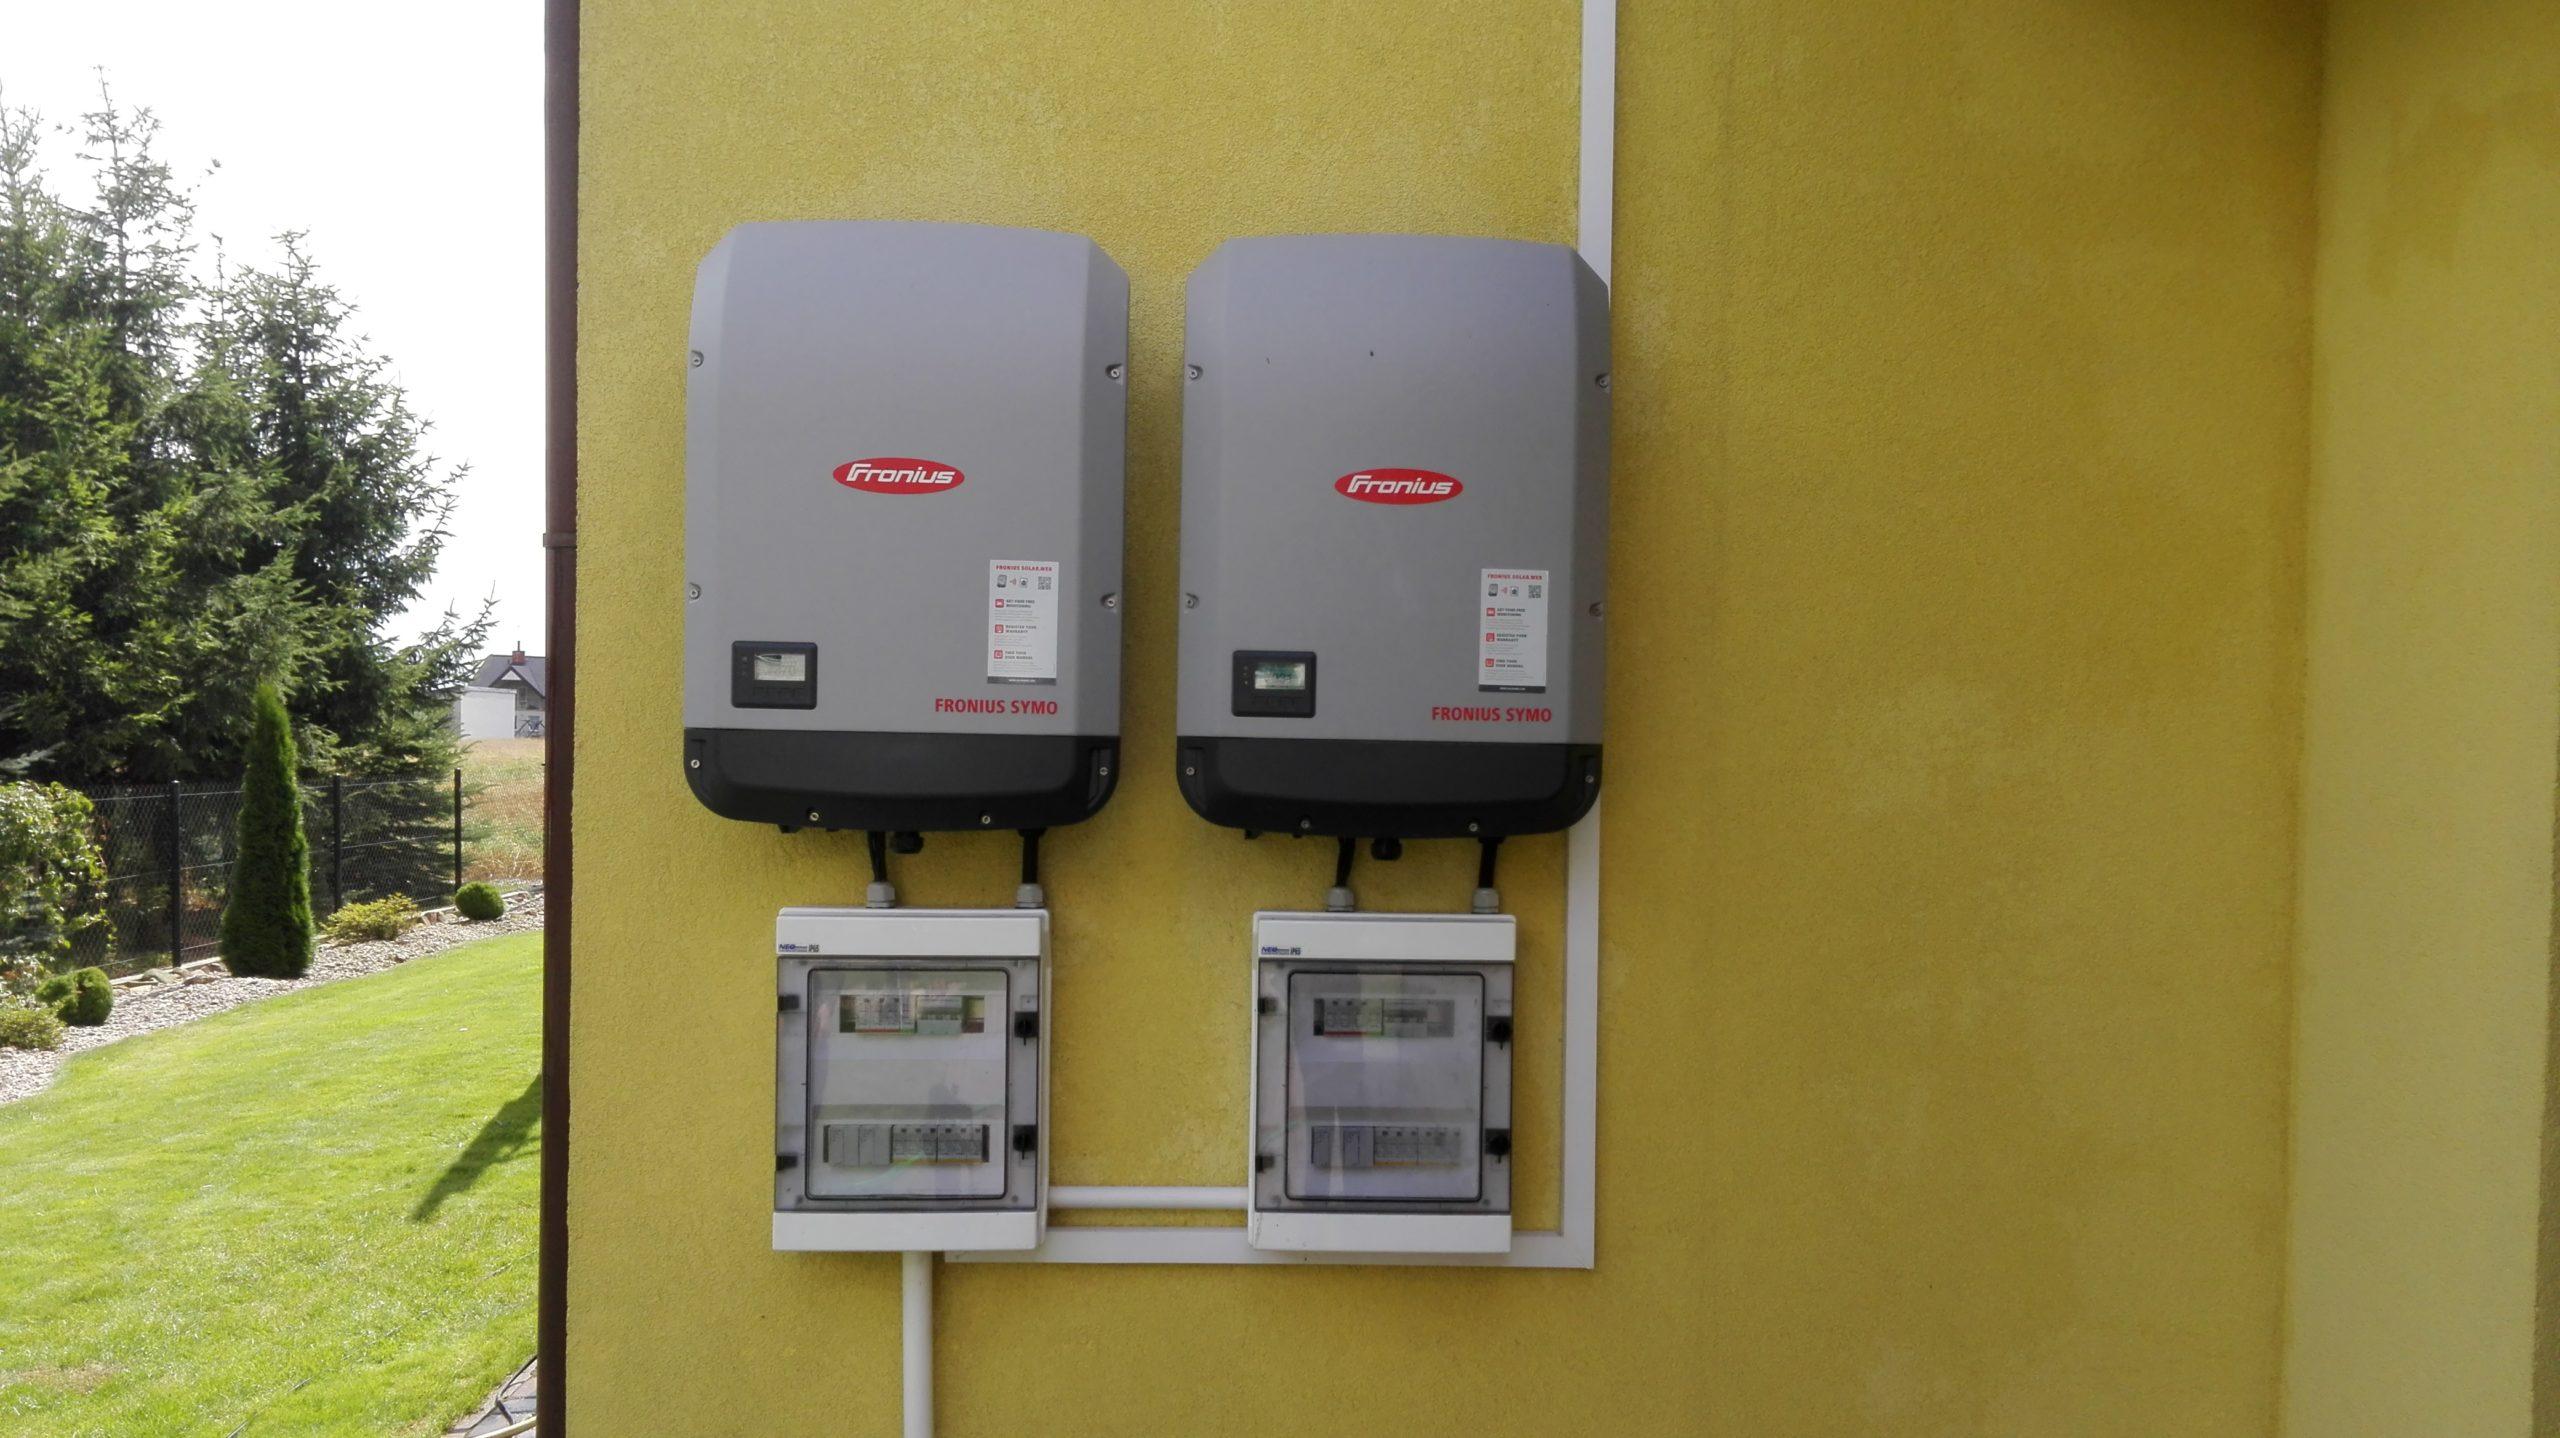 Radowiec, gm. Radzyń Podlaski - 2 inwertery Fronius 15 kW